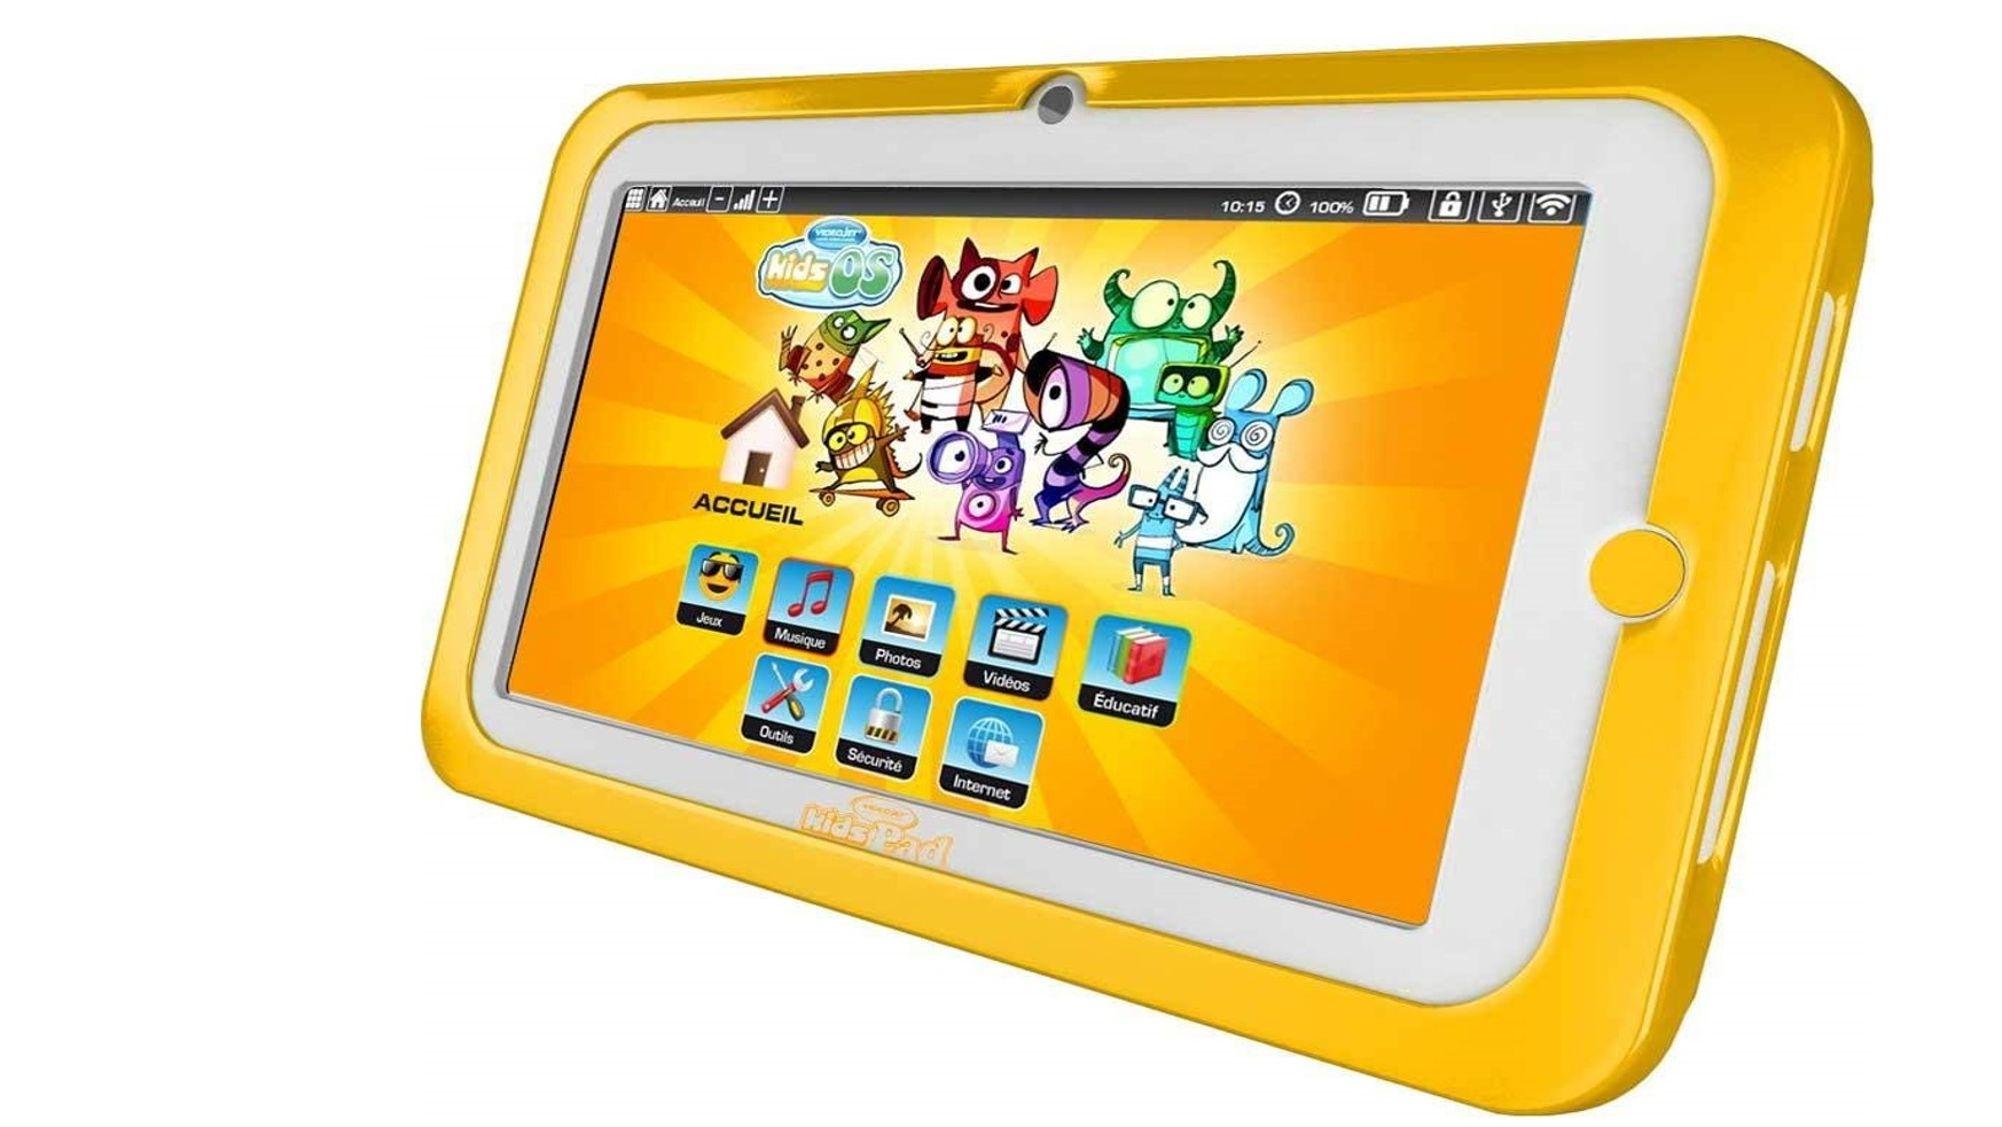 Comparatif : Quelle Tablette Choisir Pour Votre Enfant ? intérieur Ordinateur Educatif 3 Ans